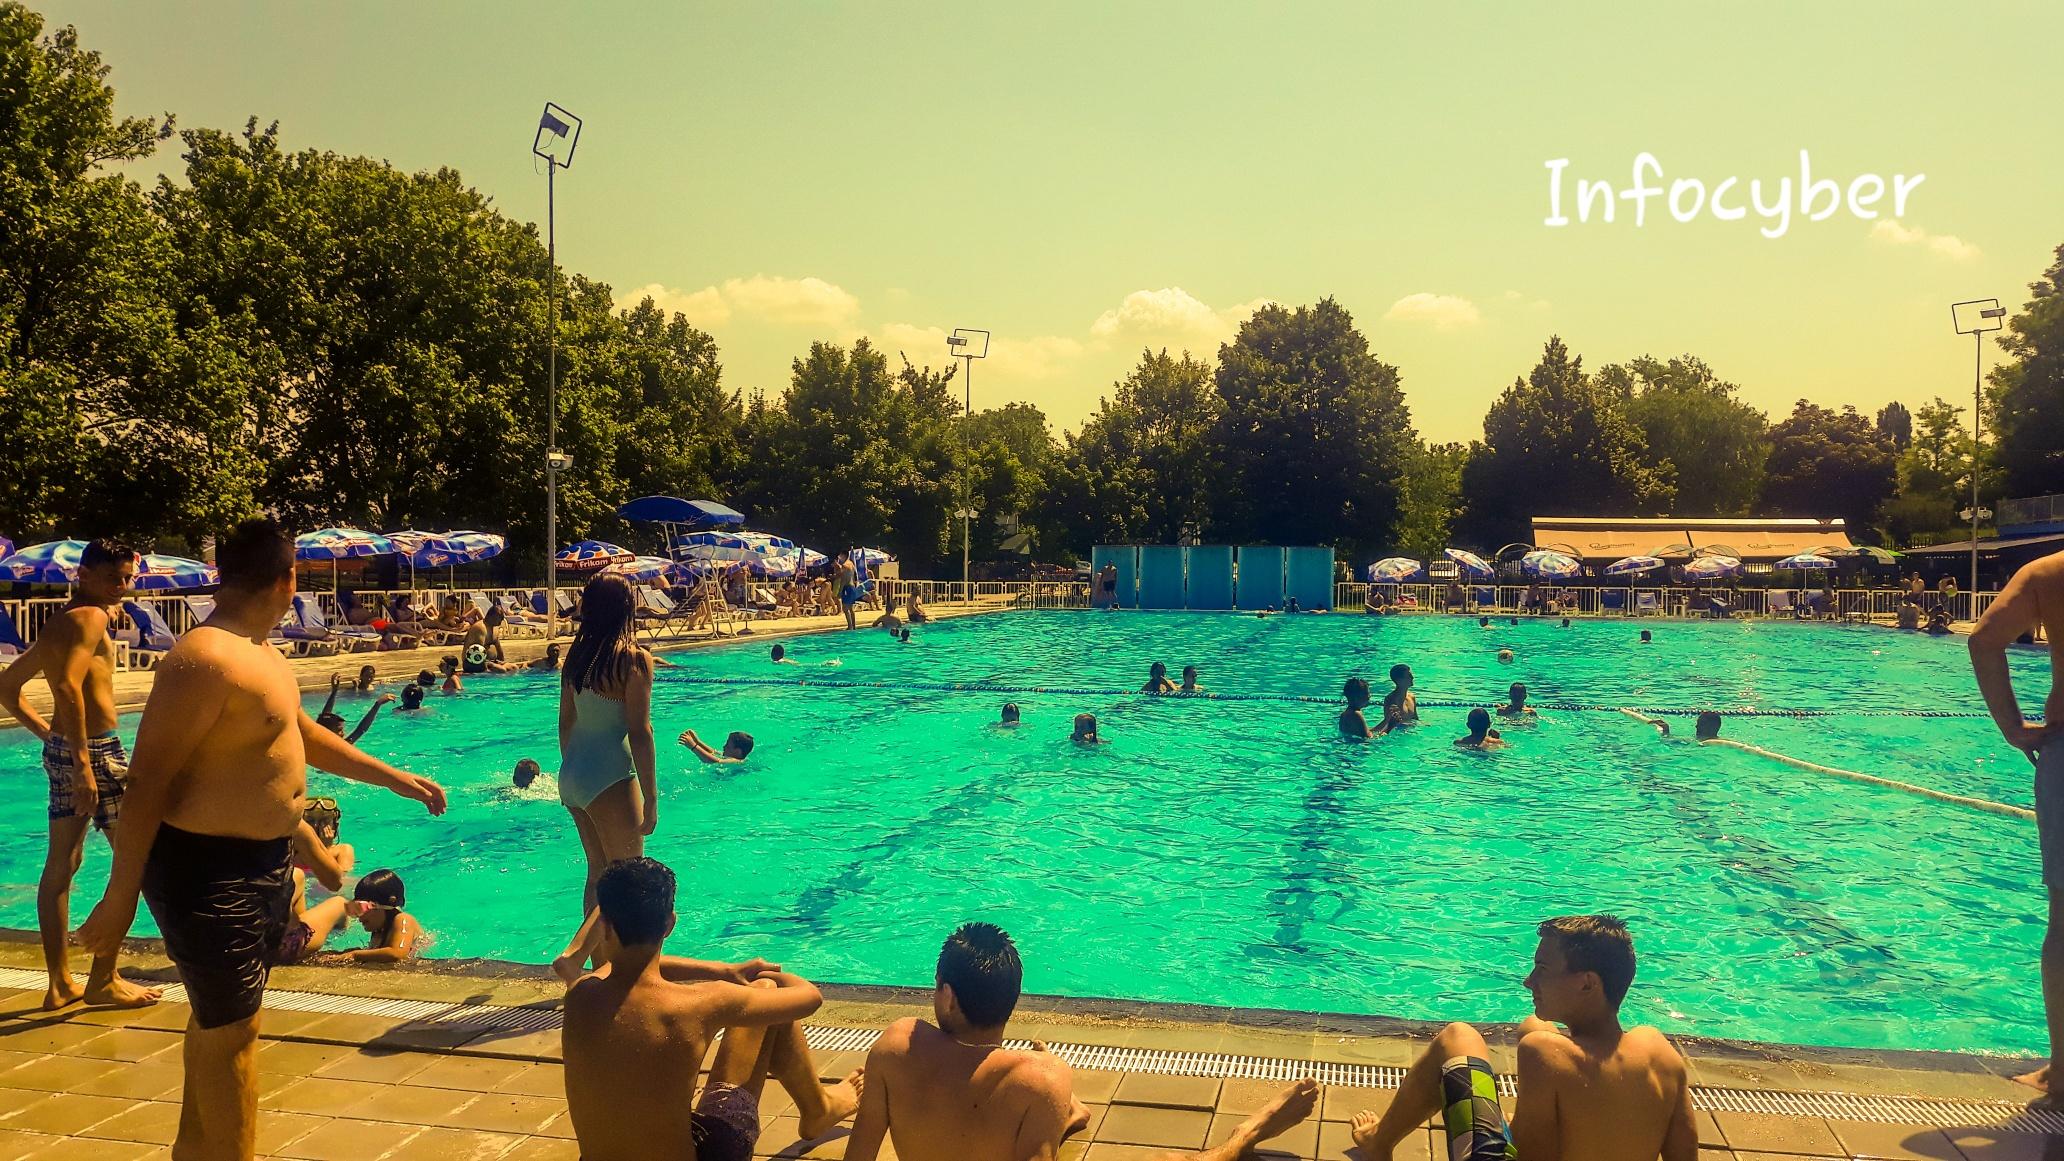 BAZEN OBARA REKORD: 35 hiljada poseta od početka sezone kupanja u Inđiji